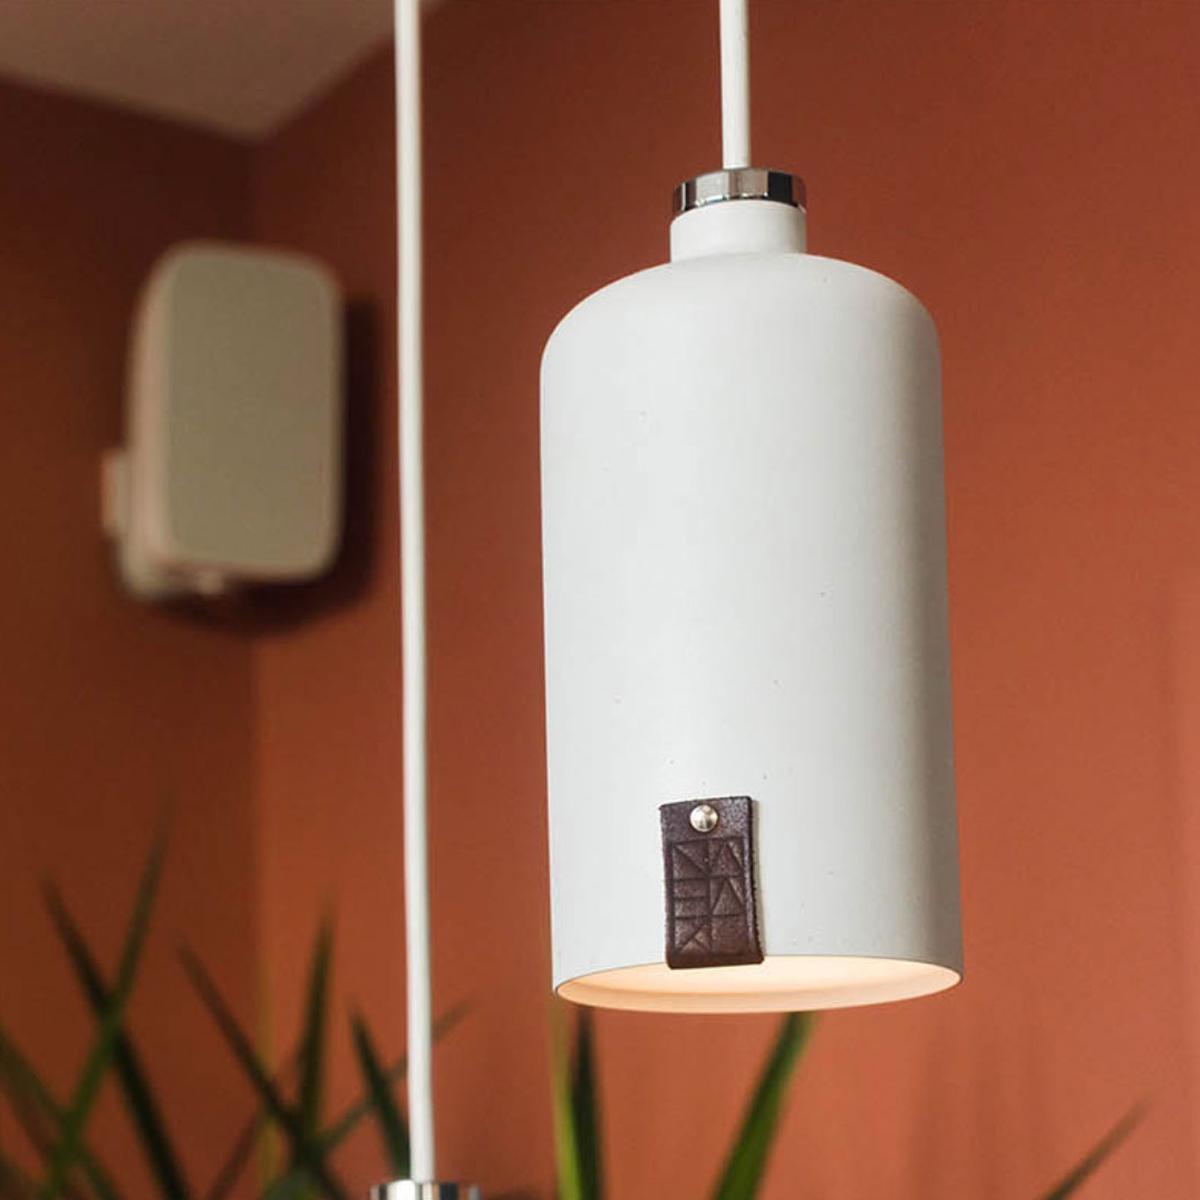 Stojíme za návrhem interiéru toho nejlepšího poké široko daleko. K tomu jsme přidali naše světla LUSTR v bílým kabátu.